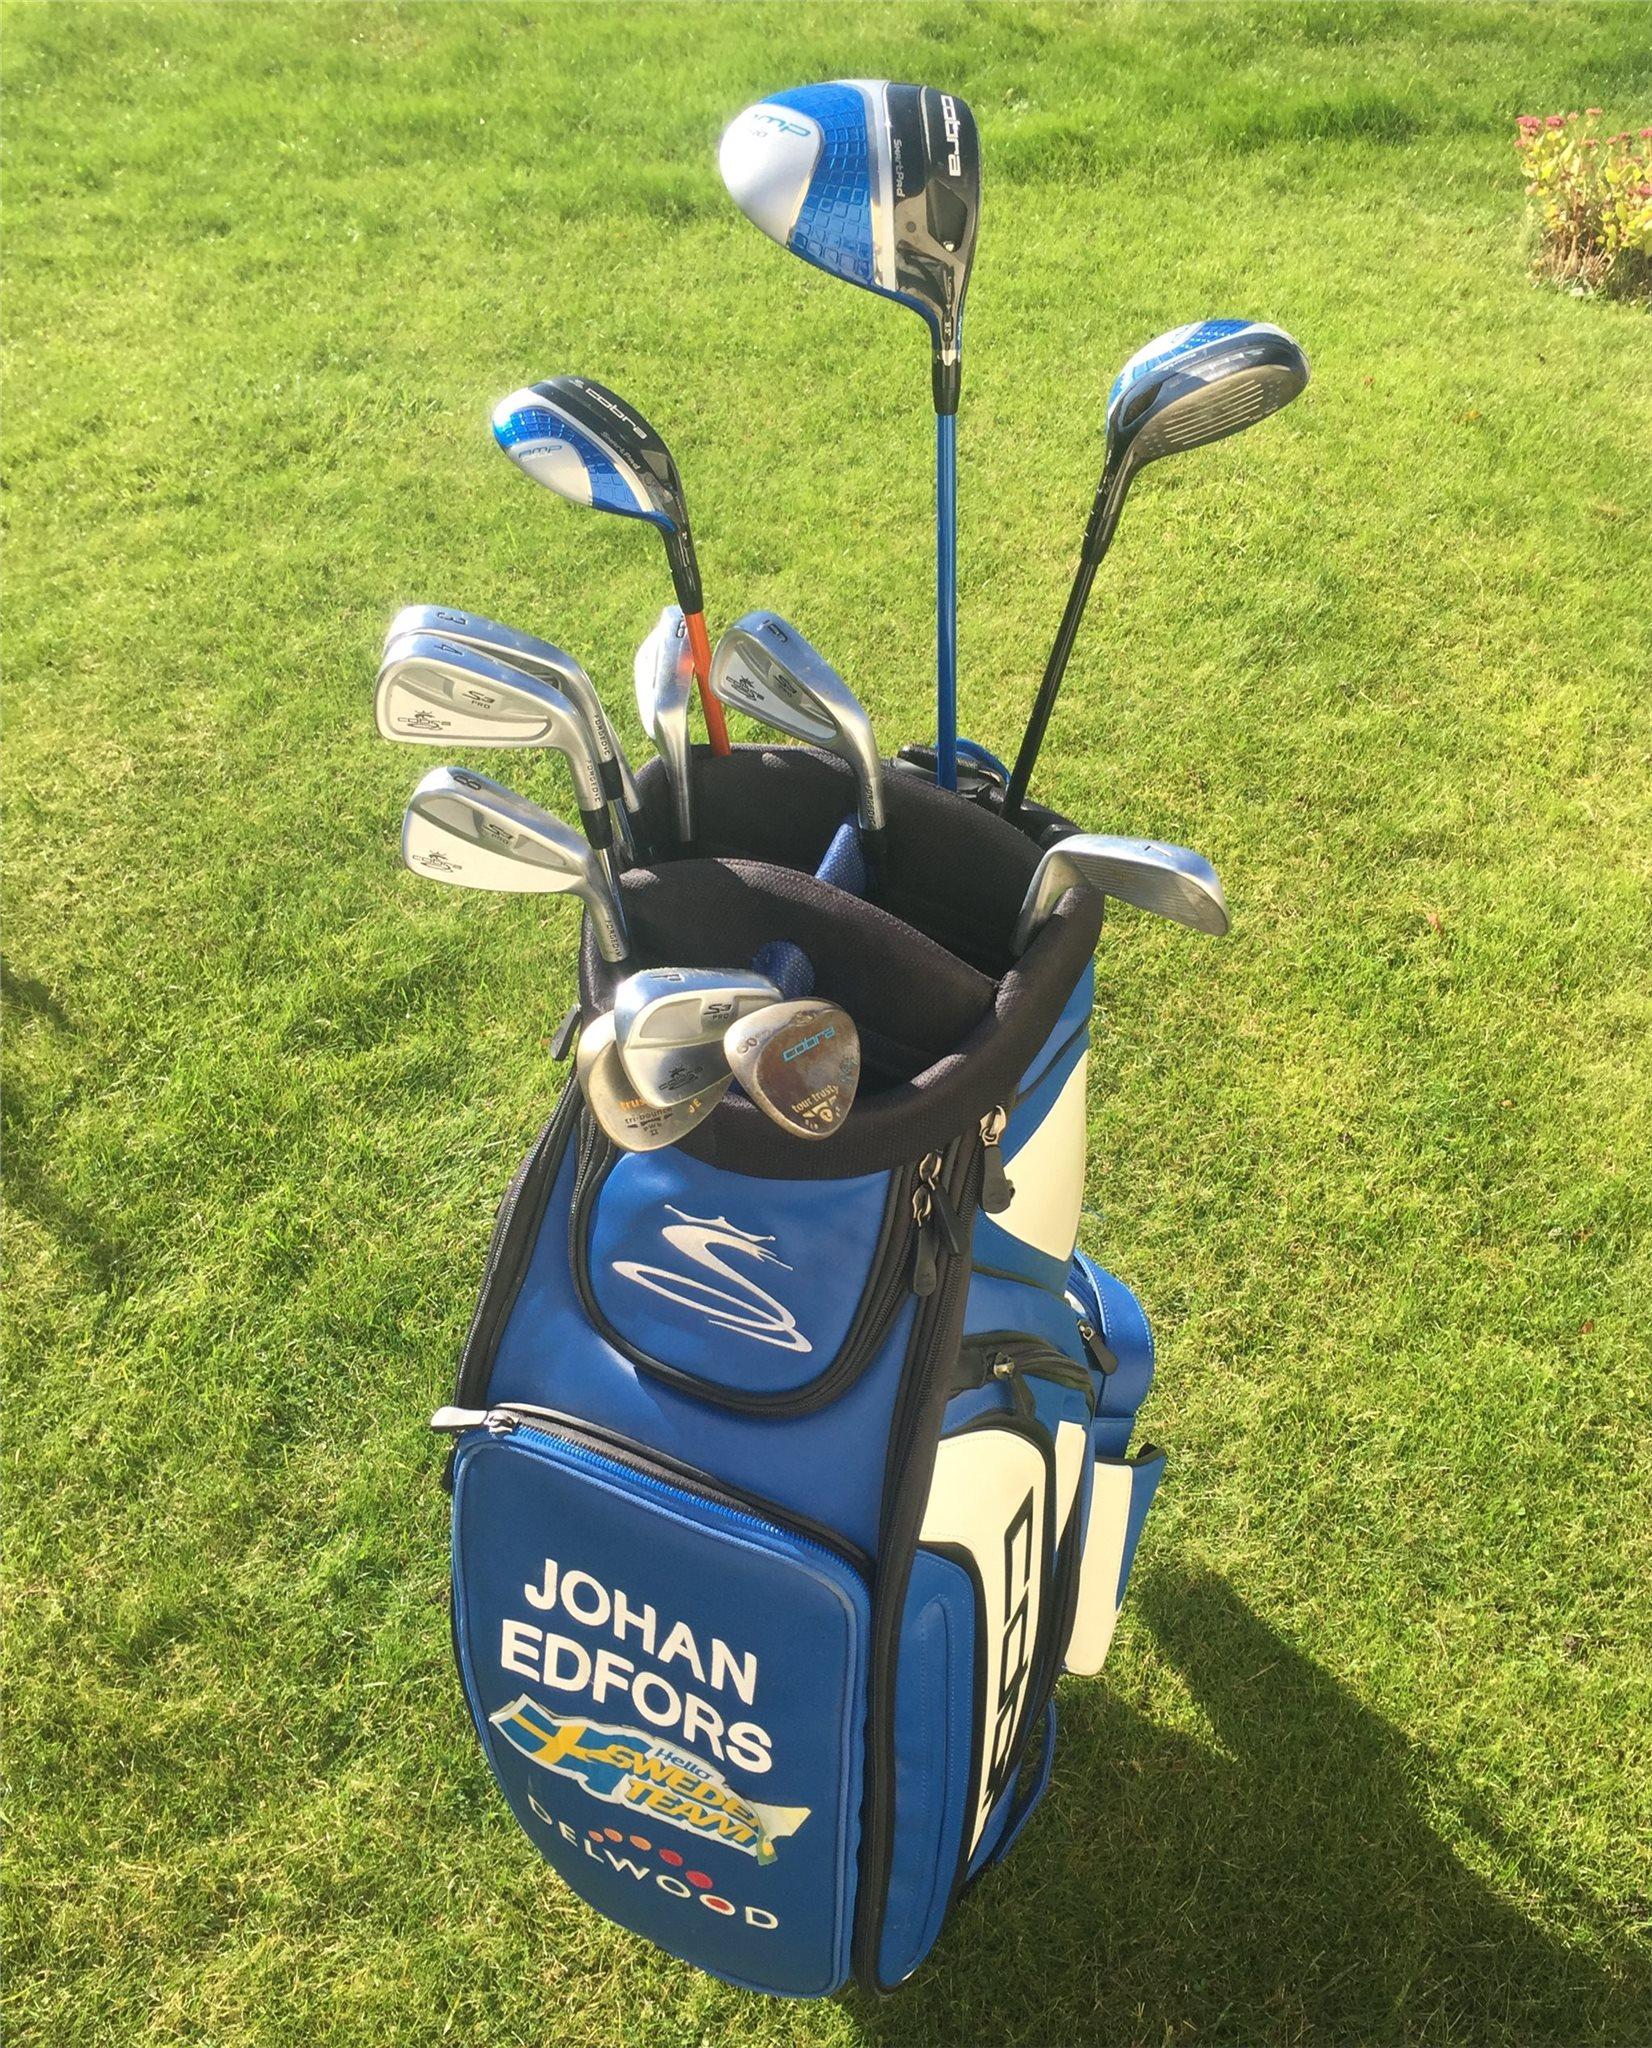 Golfbag och komplett golfset från PGA spelaren Johan Edfors